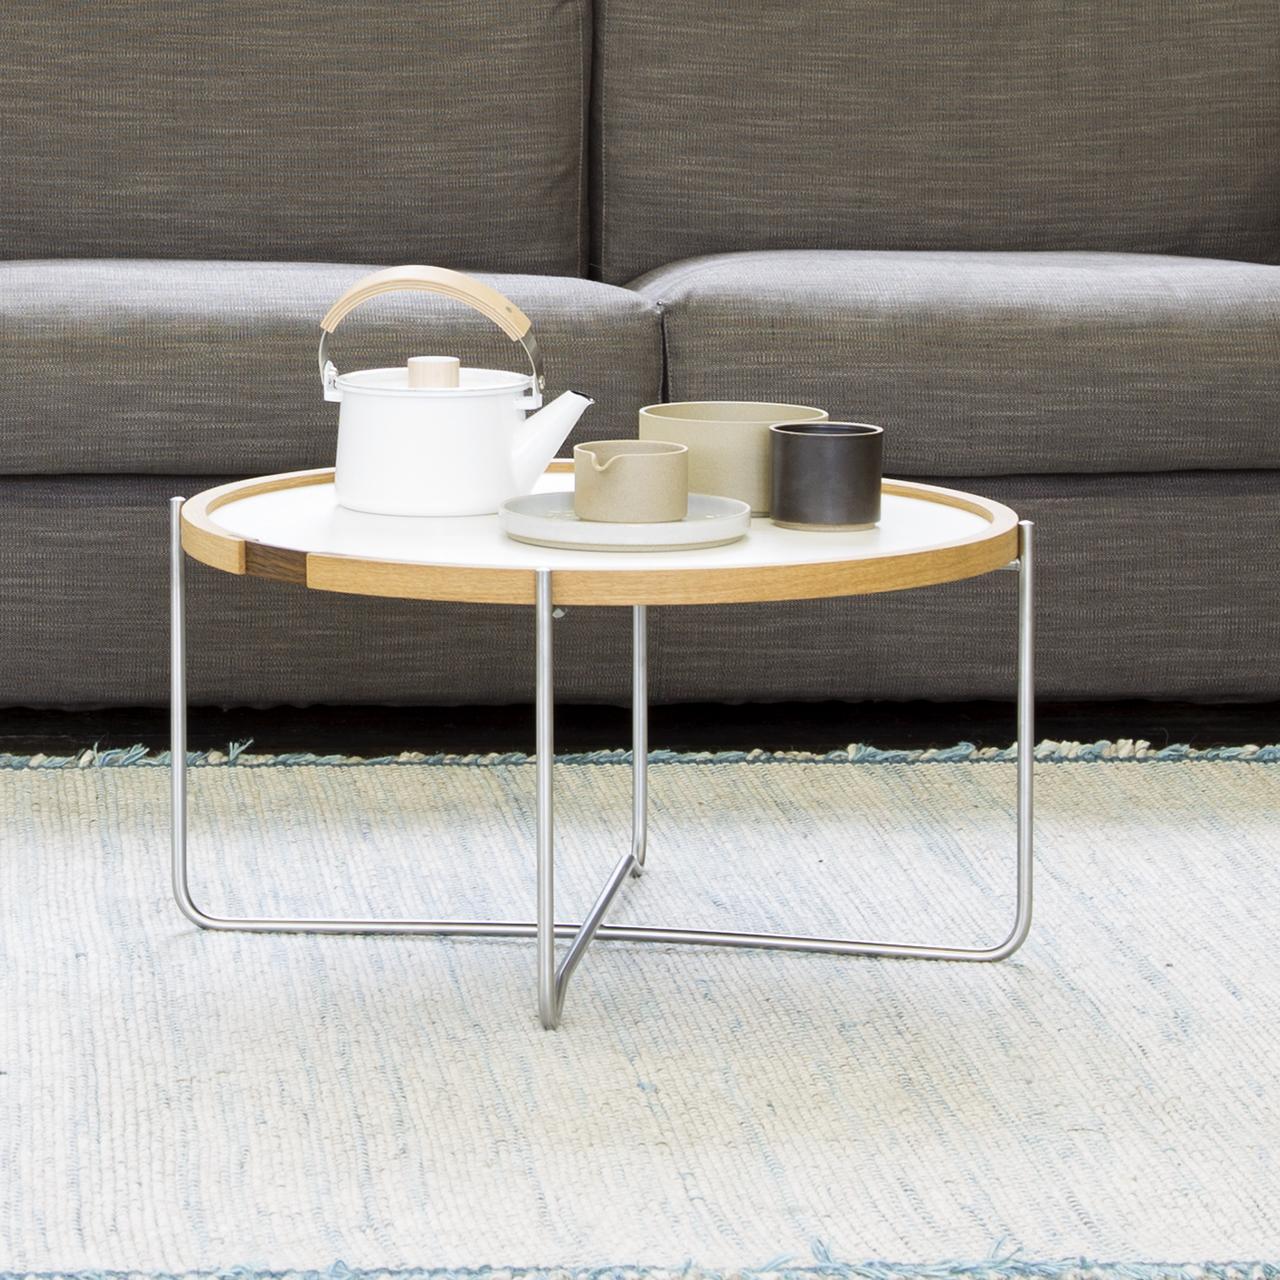 Beistelltisch Tray Table Carl Hansen